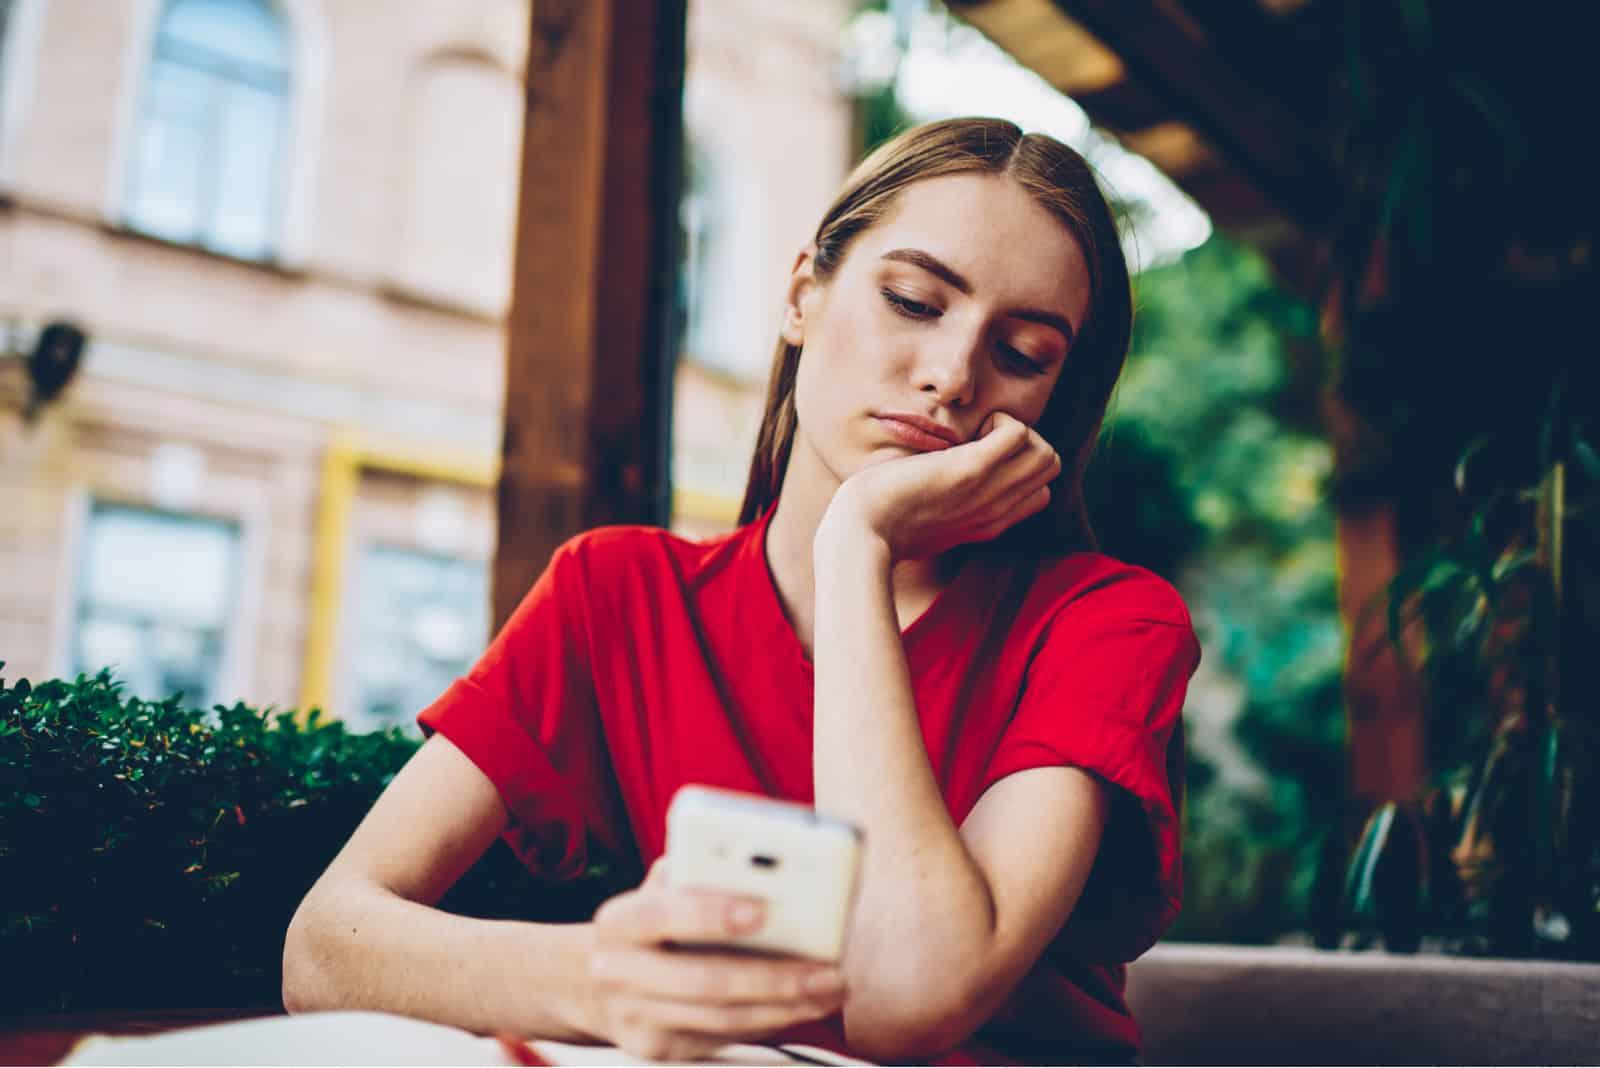 une femme imaginaire assise à une table et une clé derrière le téléphone